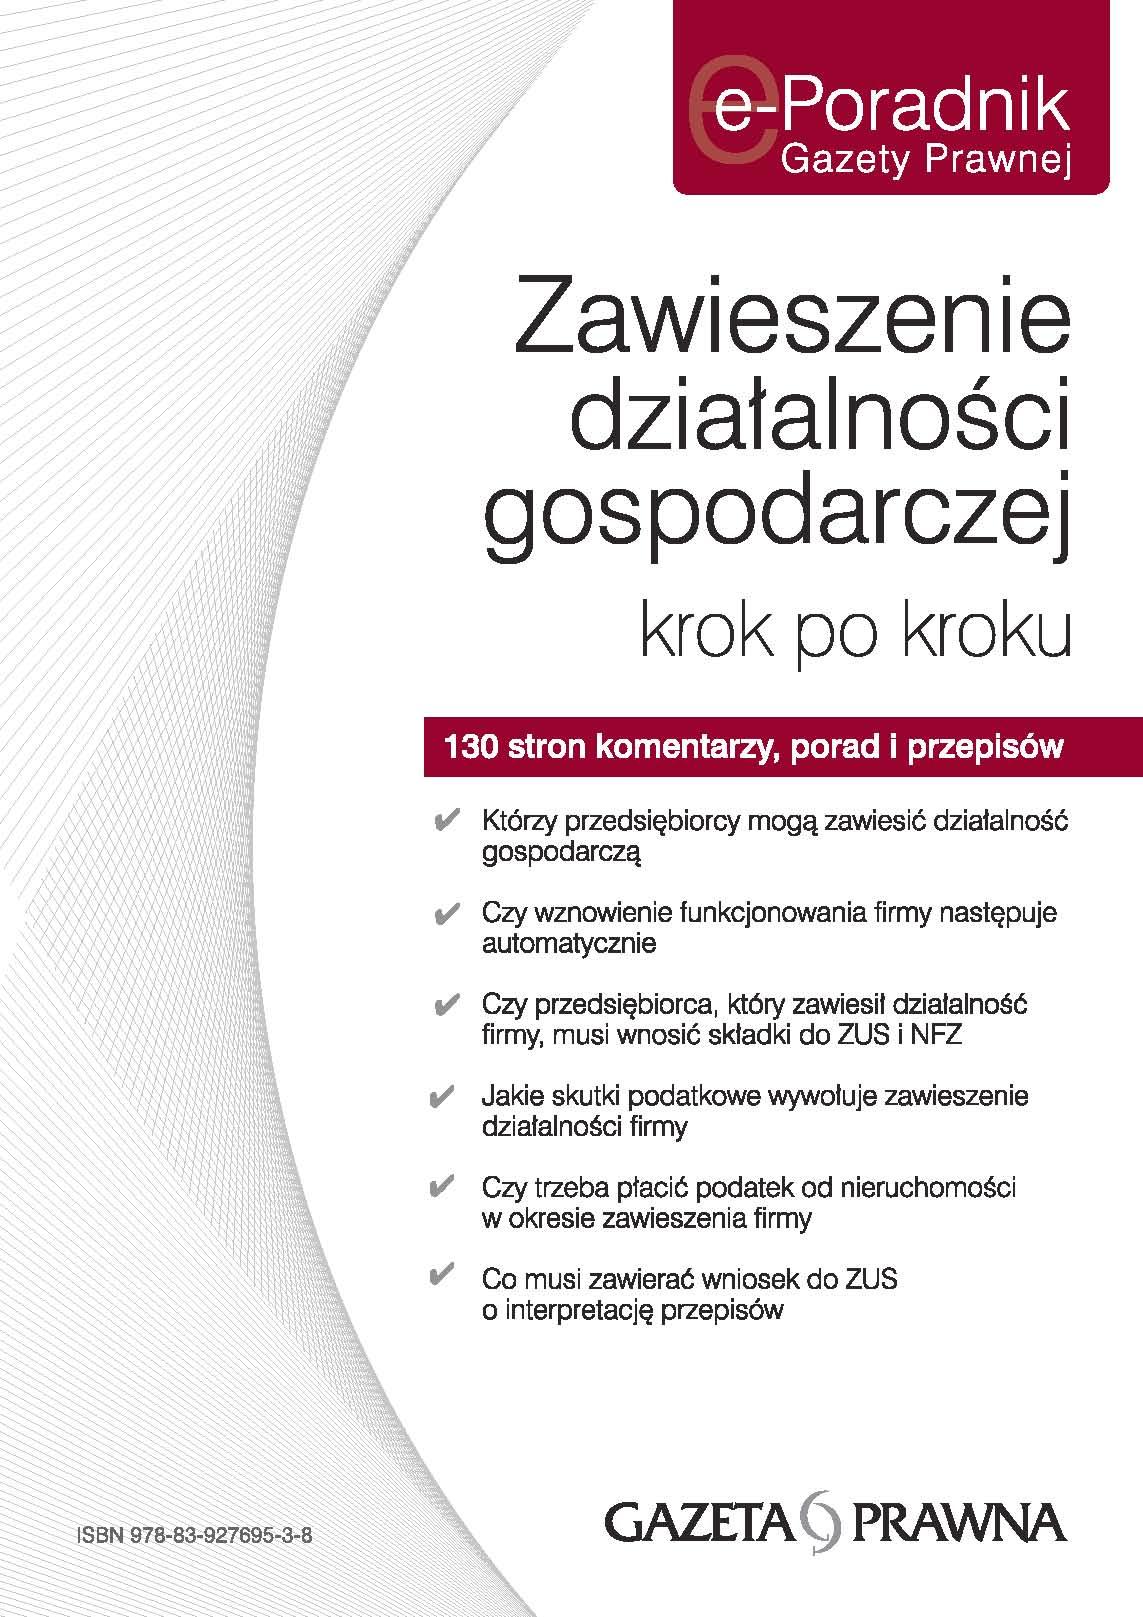 E-Poradnik Gazety Prawnej - Zawieszenie działalności gospodarczej krok po kroku? 130 stron komentarzy, porad i przepisów: Którzy przedsiębiorcy mogą zawiesić działalność gospodarczą? ...